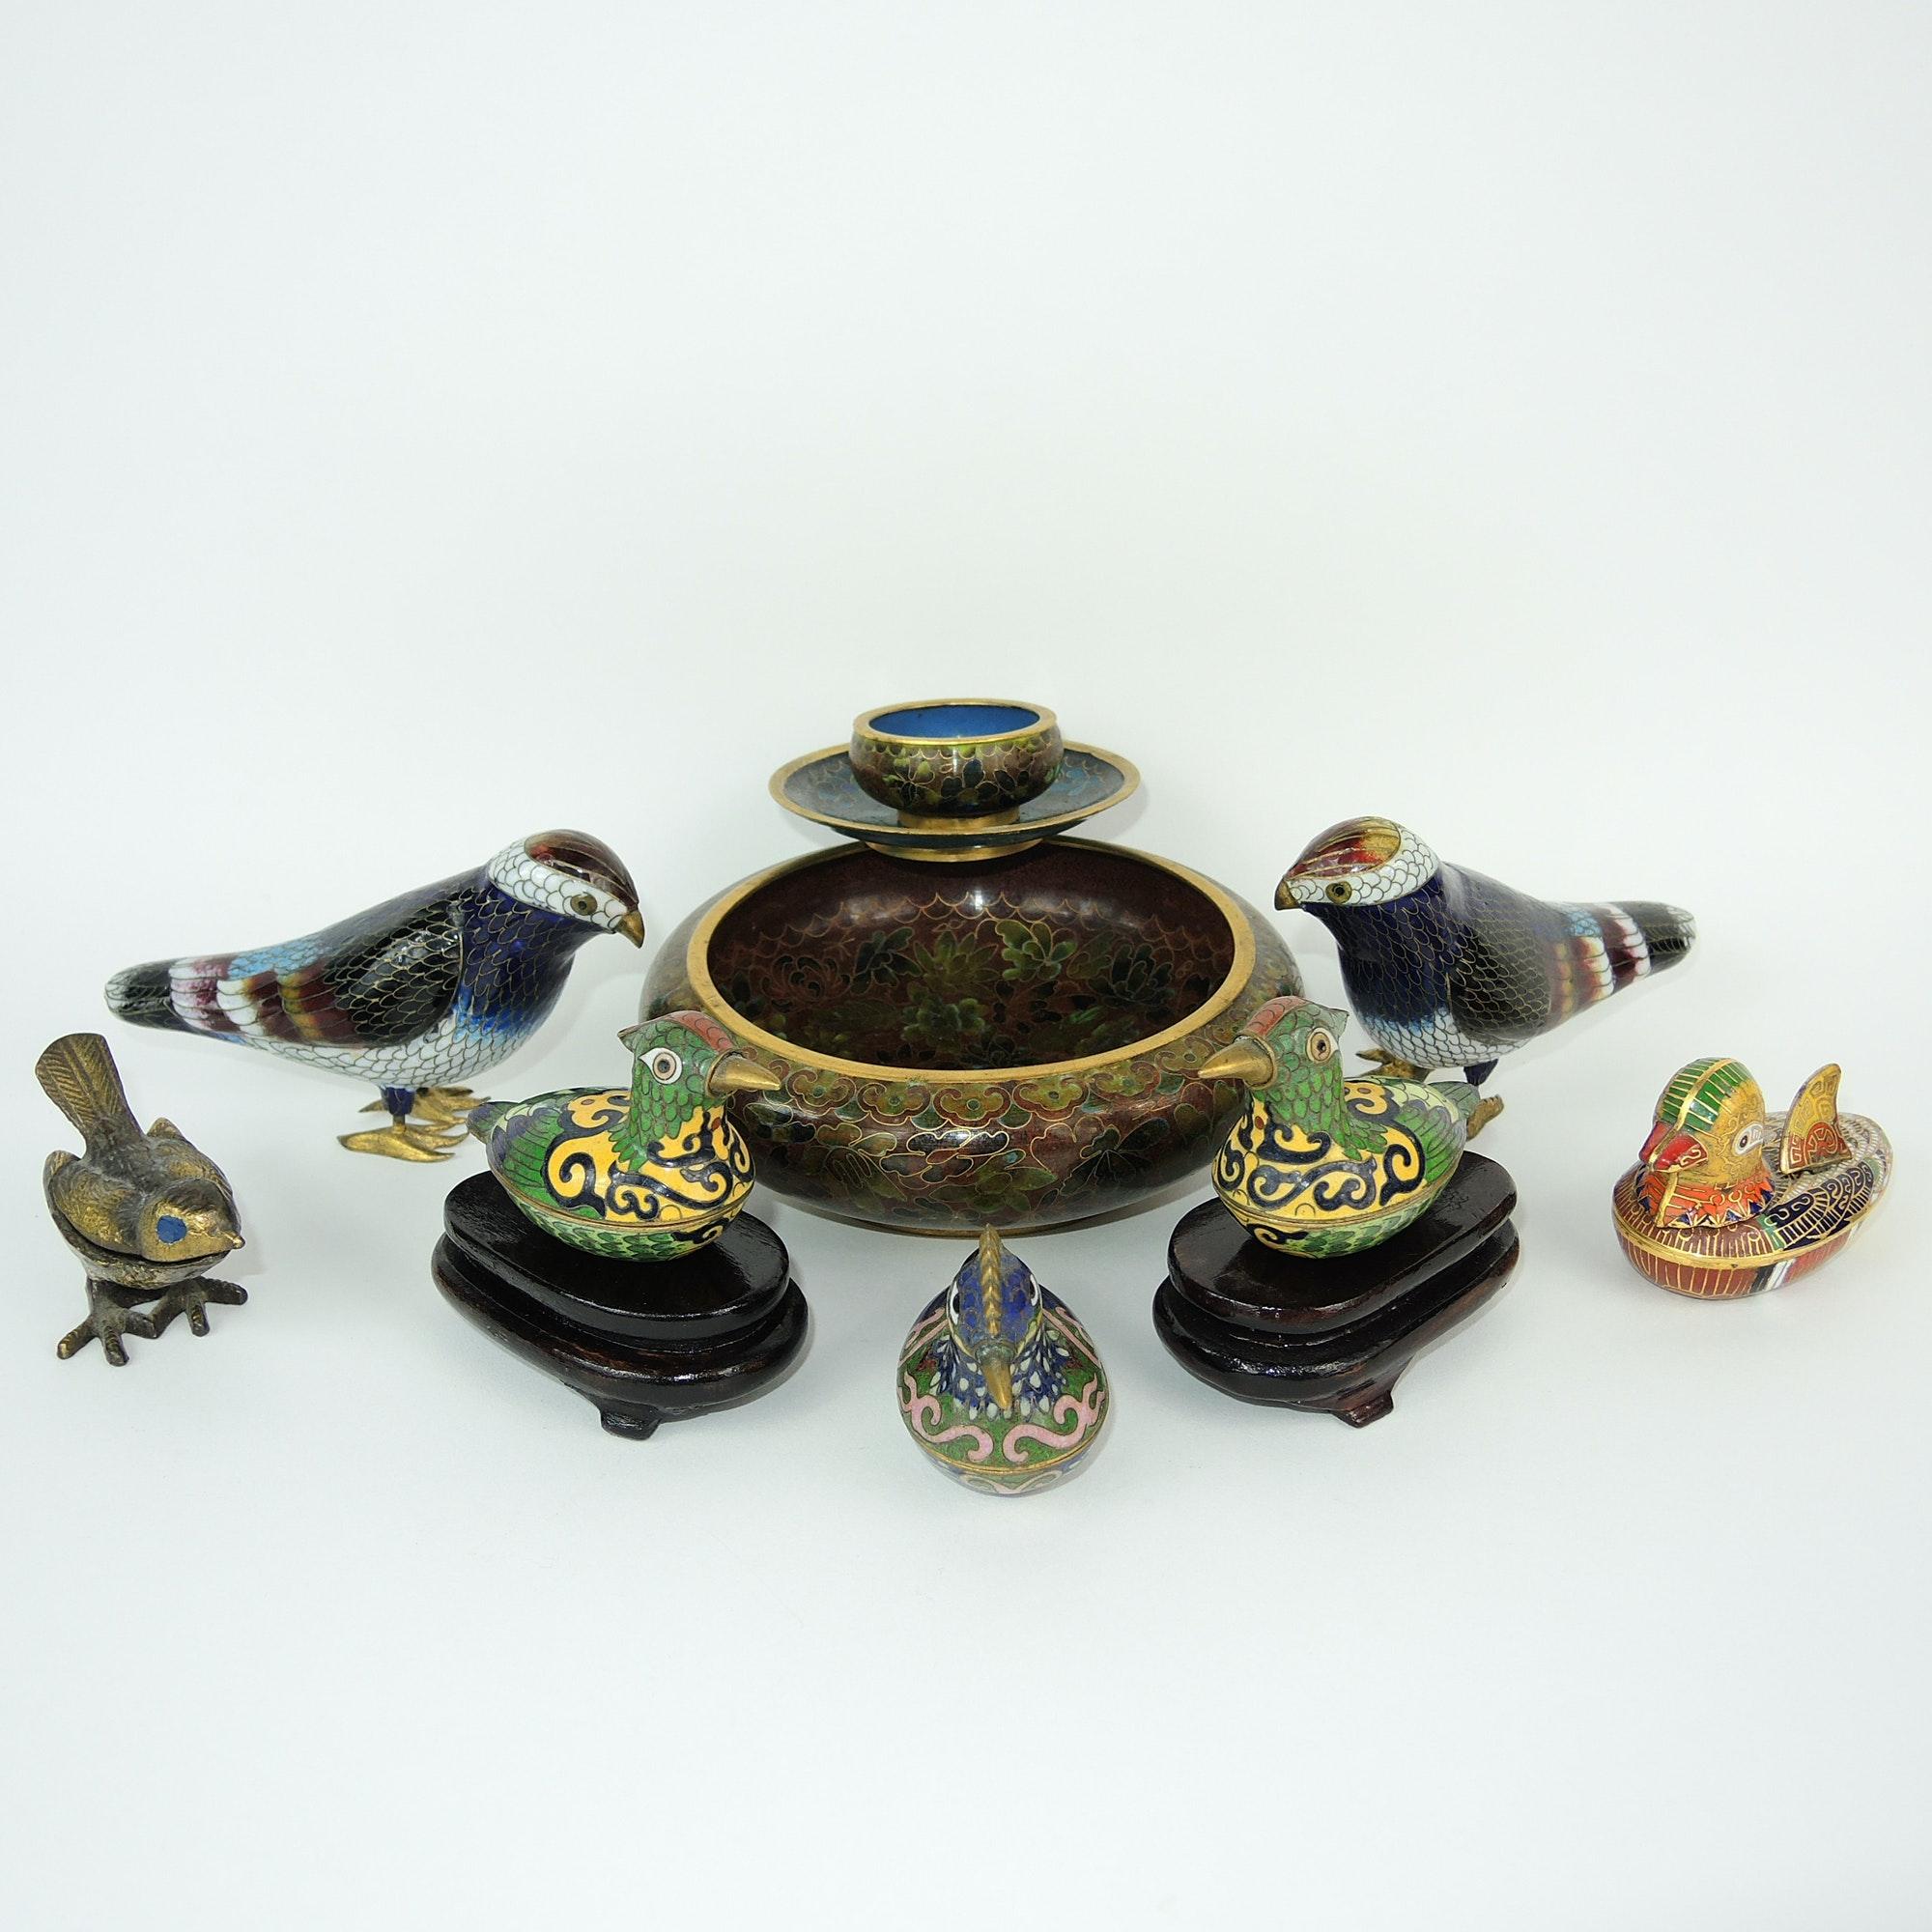 Vintage Cloisonné Birds and Bowls Collection